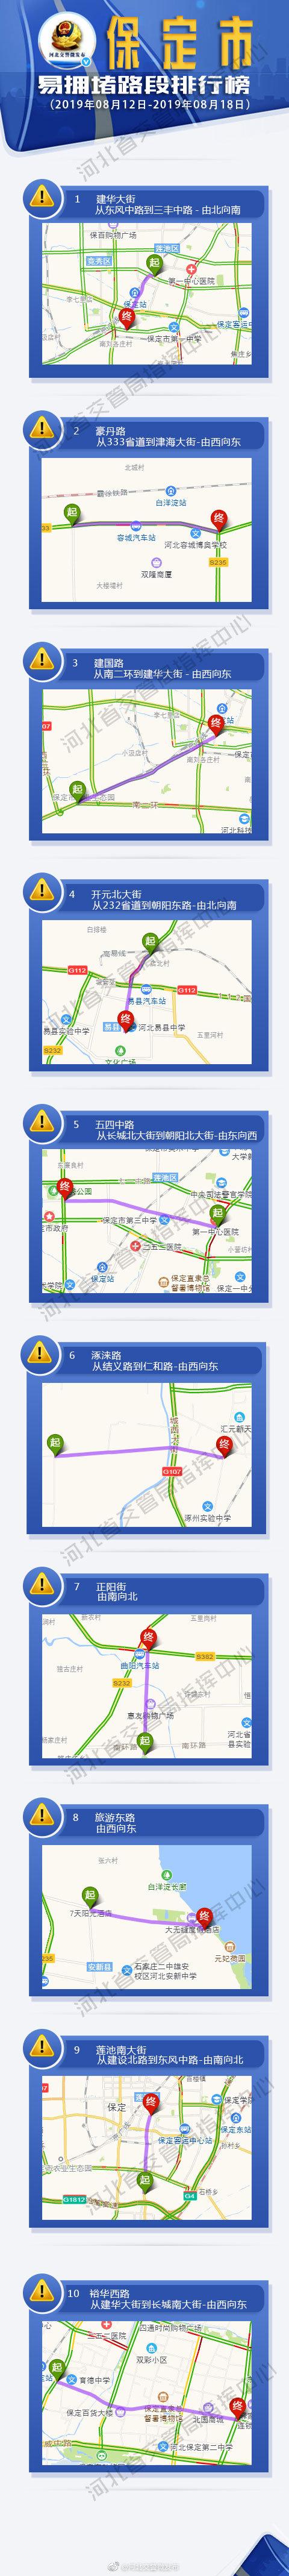 河北省城市易拥堵路段排行榜:2019年8月12日至8月18日